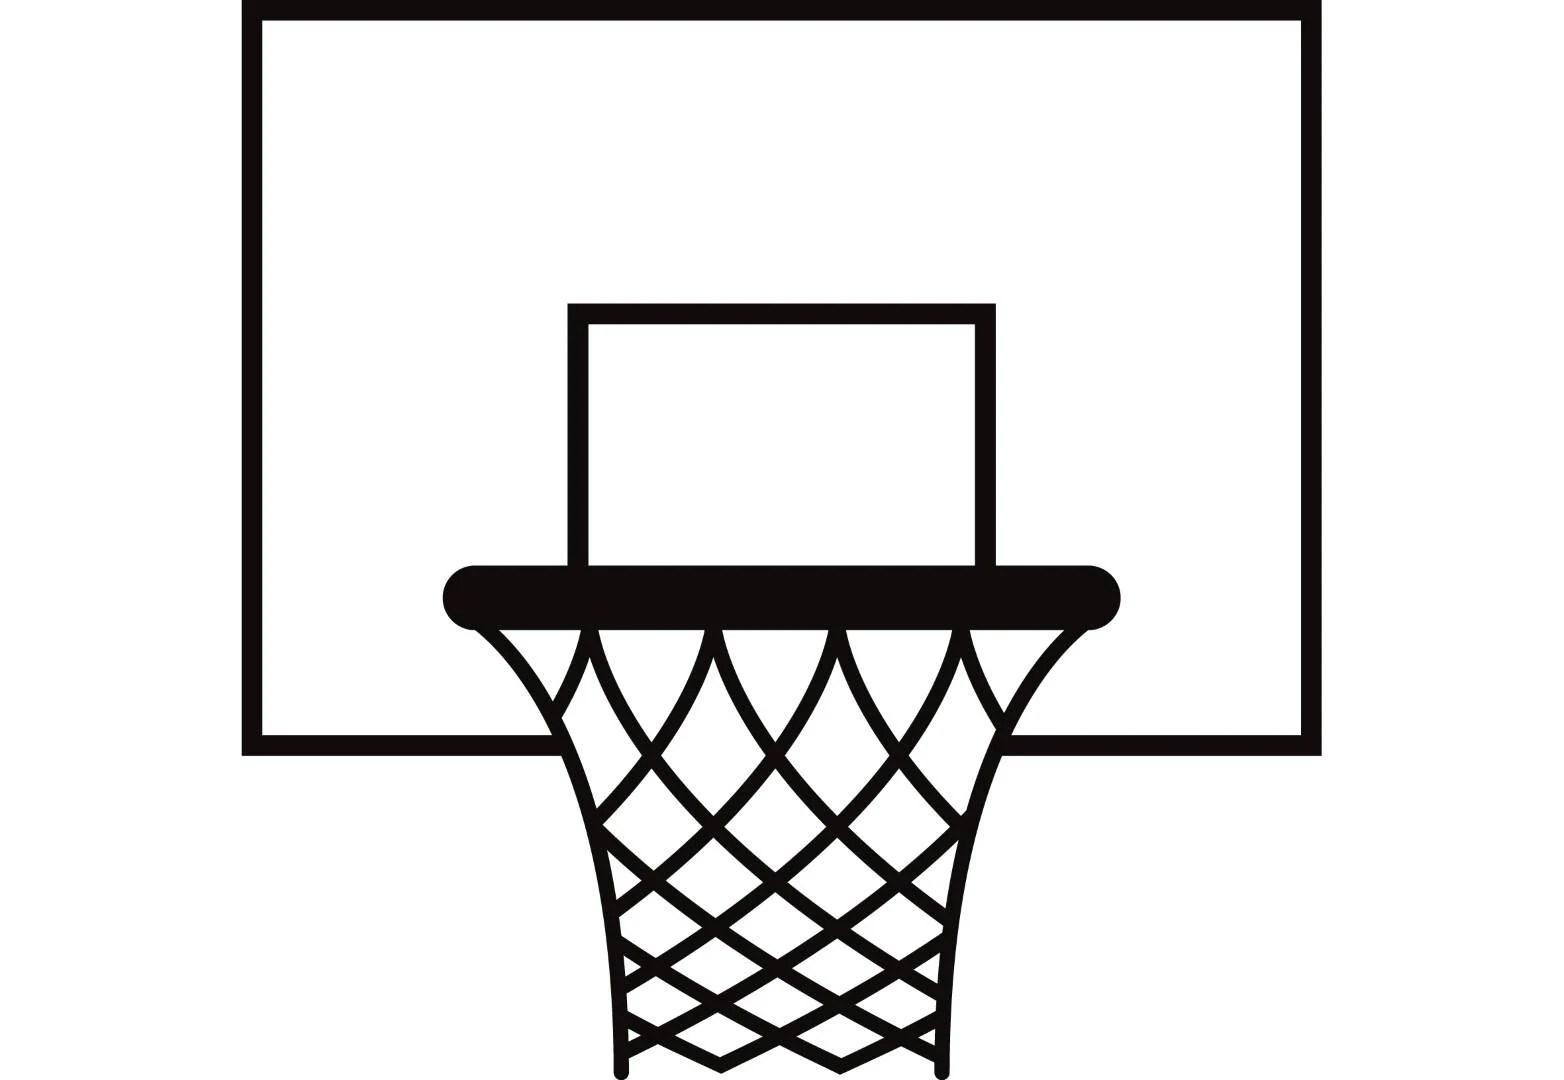 Basketball Hoop 1 Backboard Goal Rim Basket Net Sports